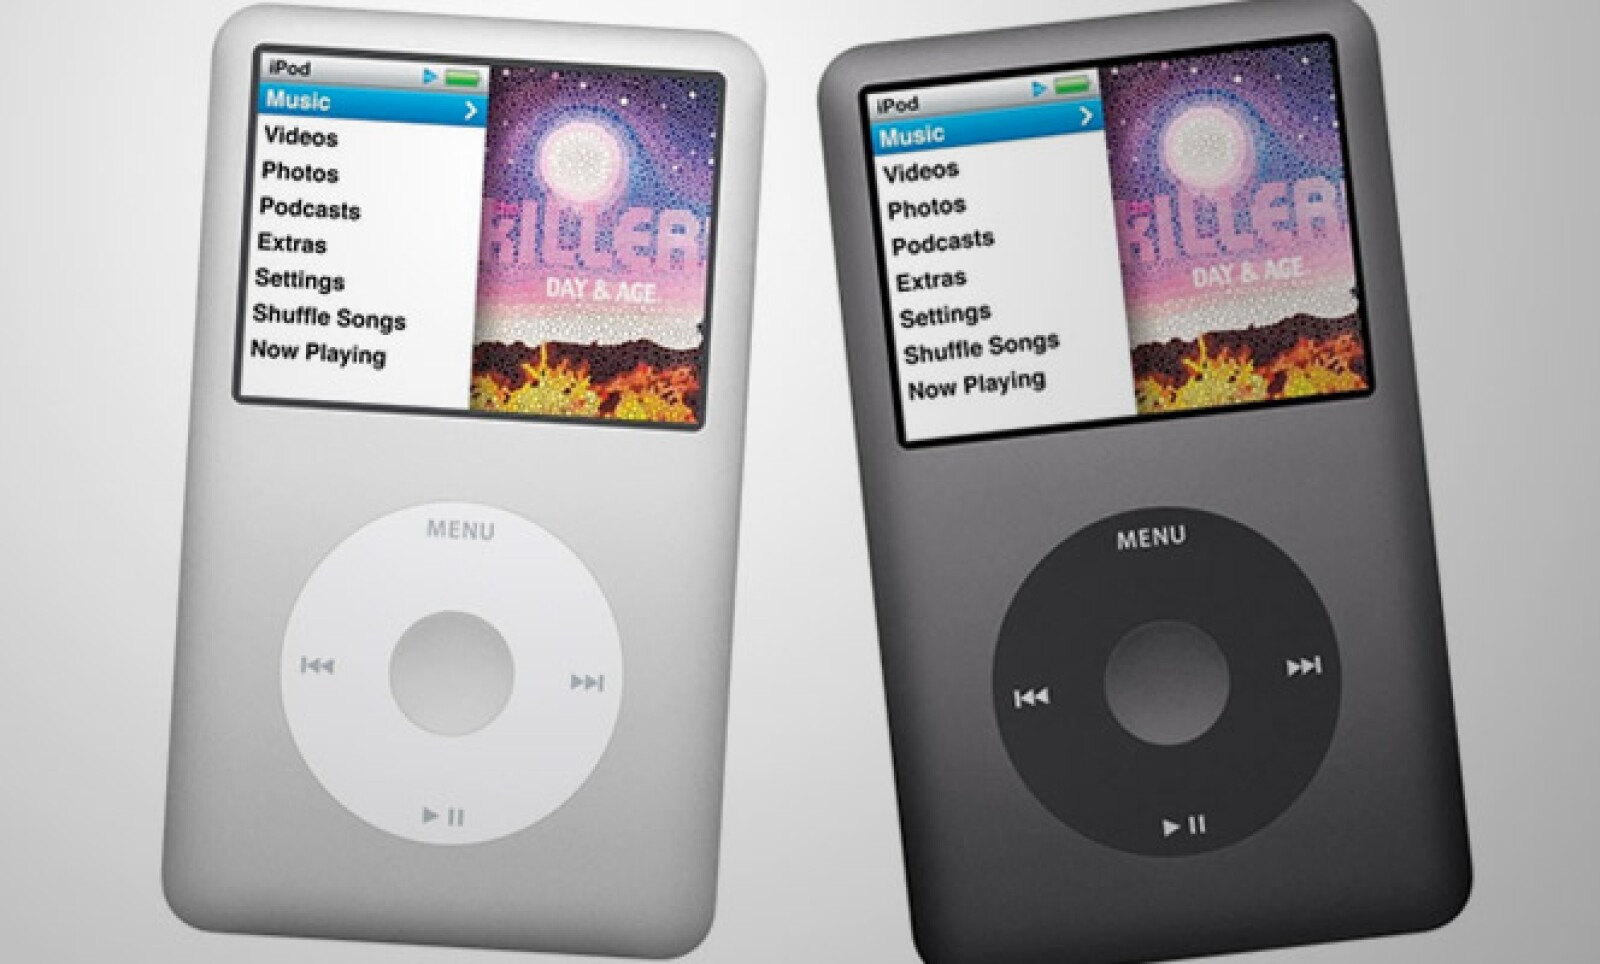 Para los papás deportistas o simplemente fanáticos de la música, un iPod Classic será un excelente regalo.